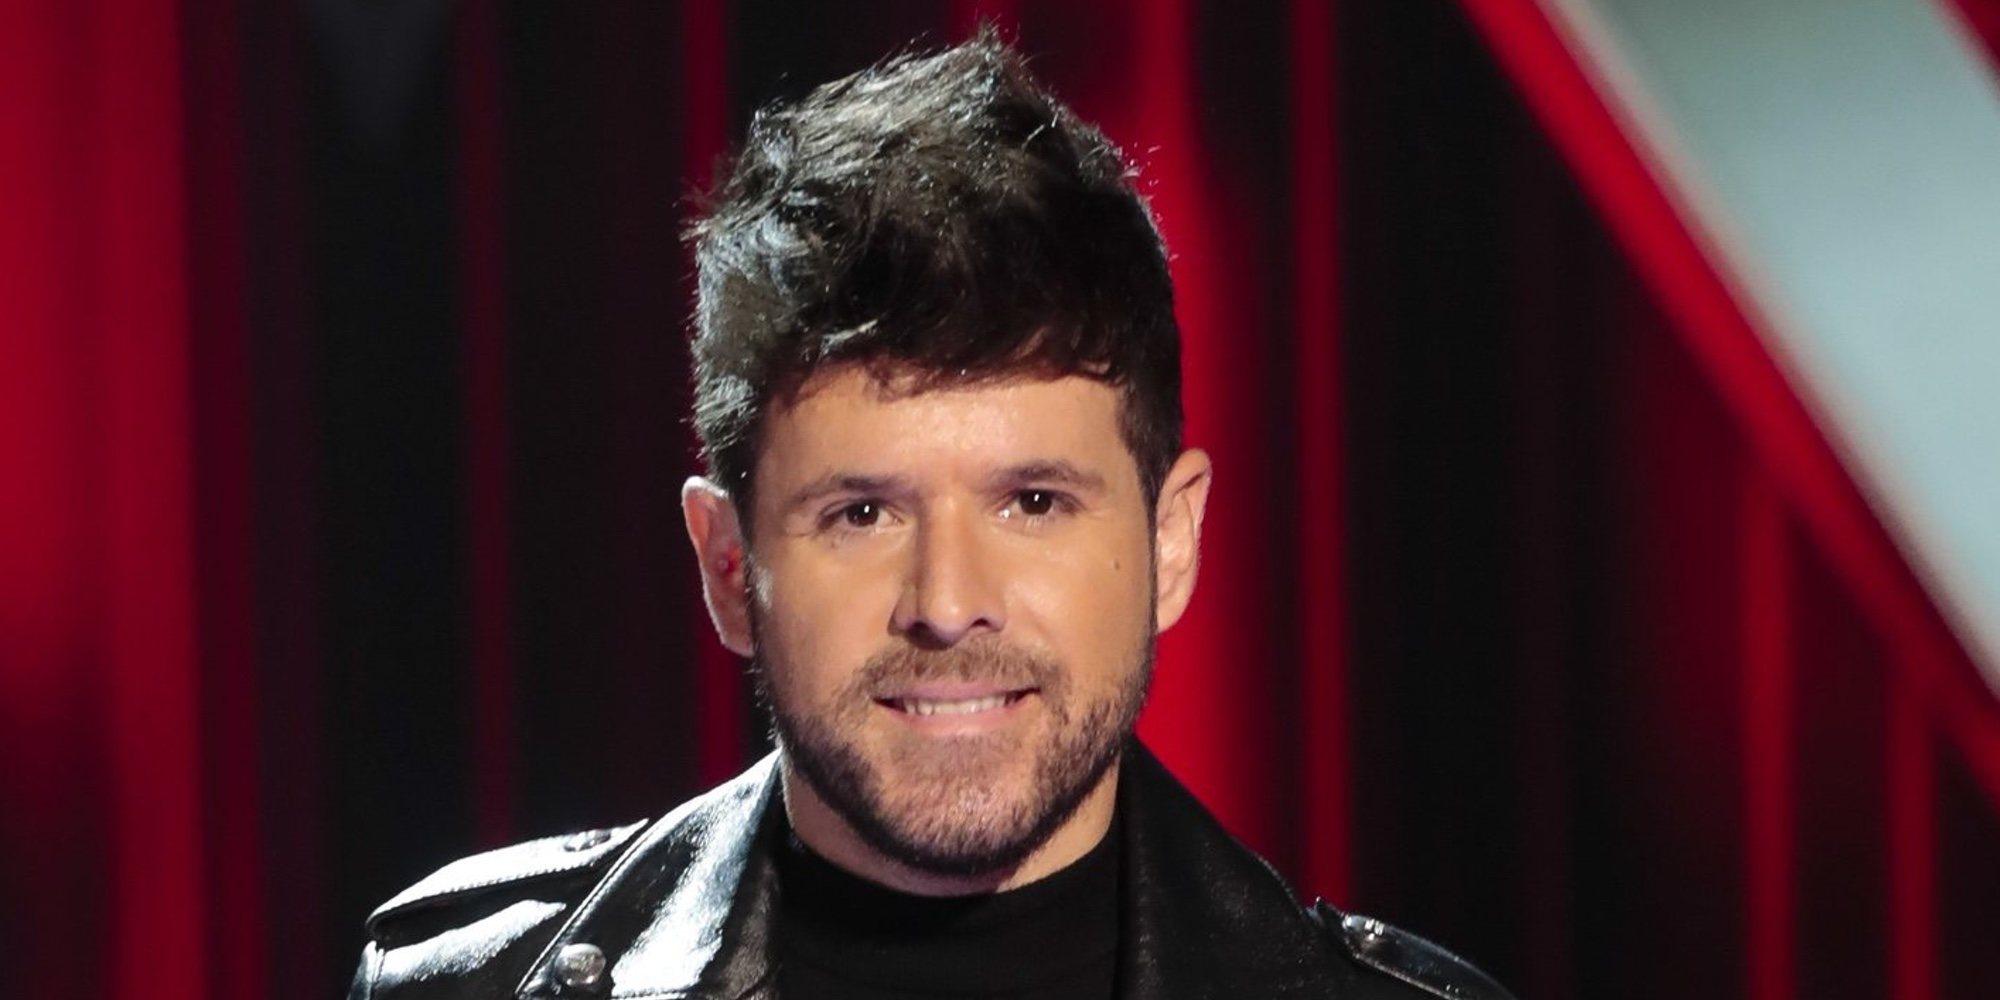 Pablo López deja sin habla a Luis Fonsi tras superar su reto en 'La Voz'